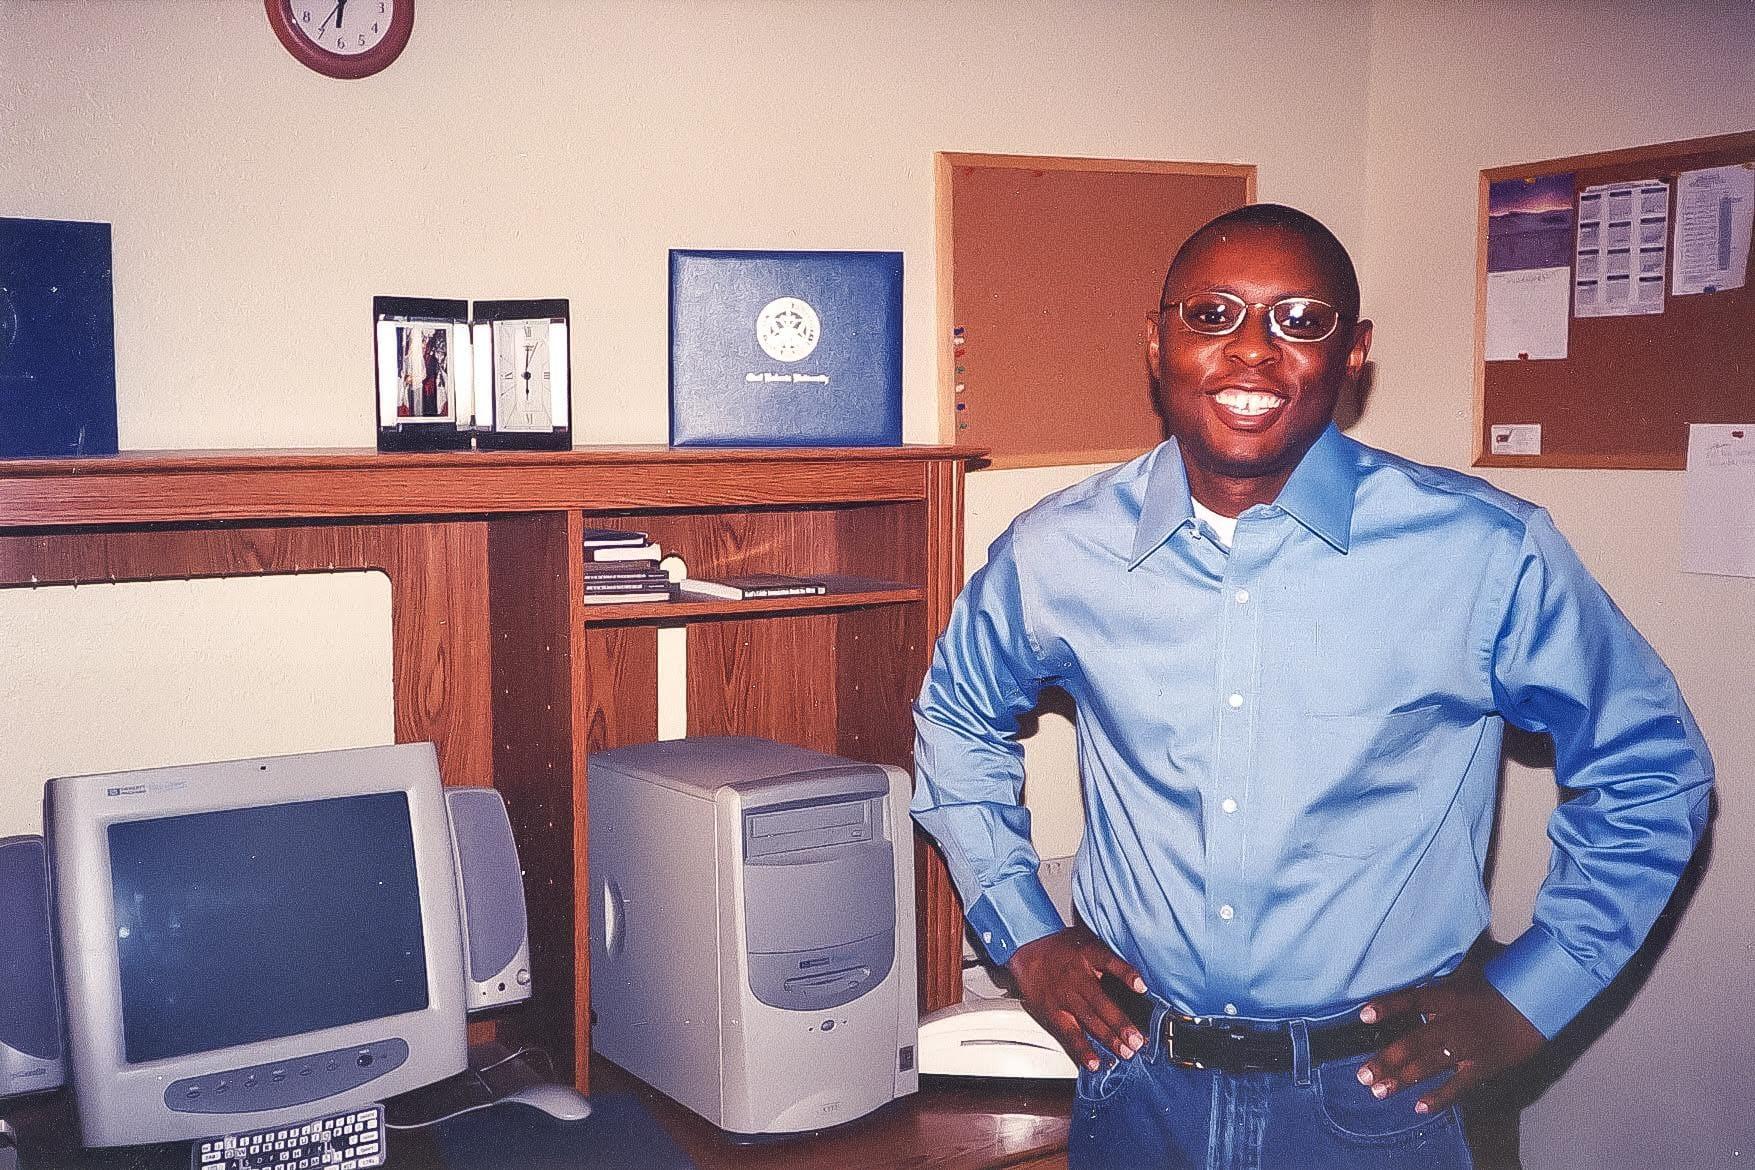 Kevin Graham in front of desk